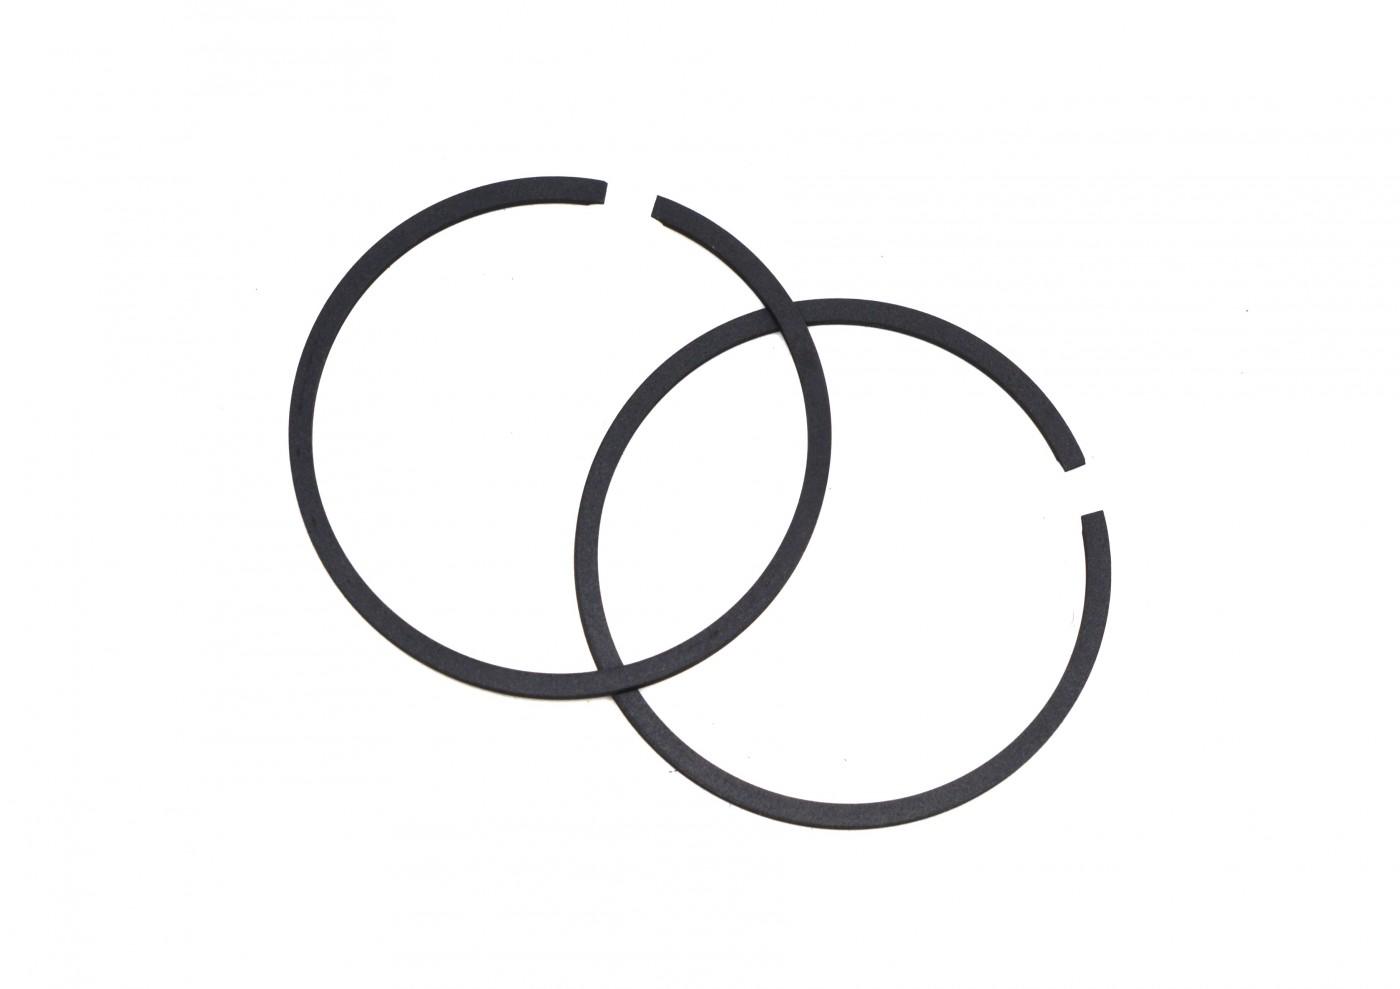 Sada pístních kroužků - 46 mm